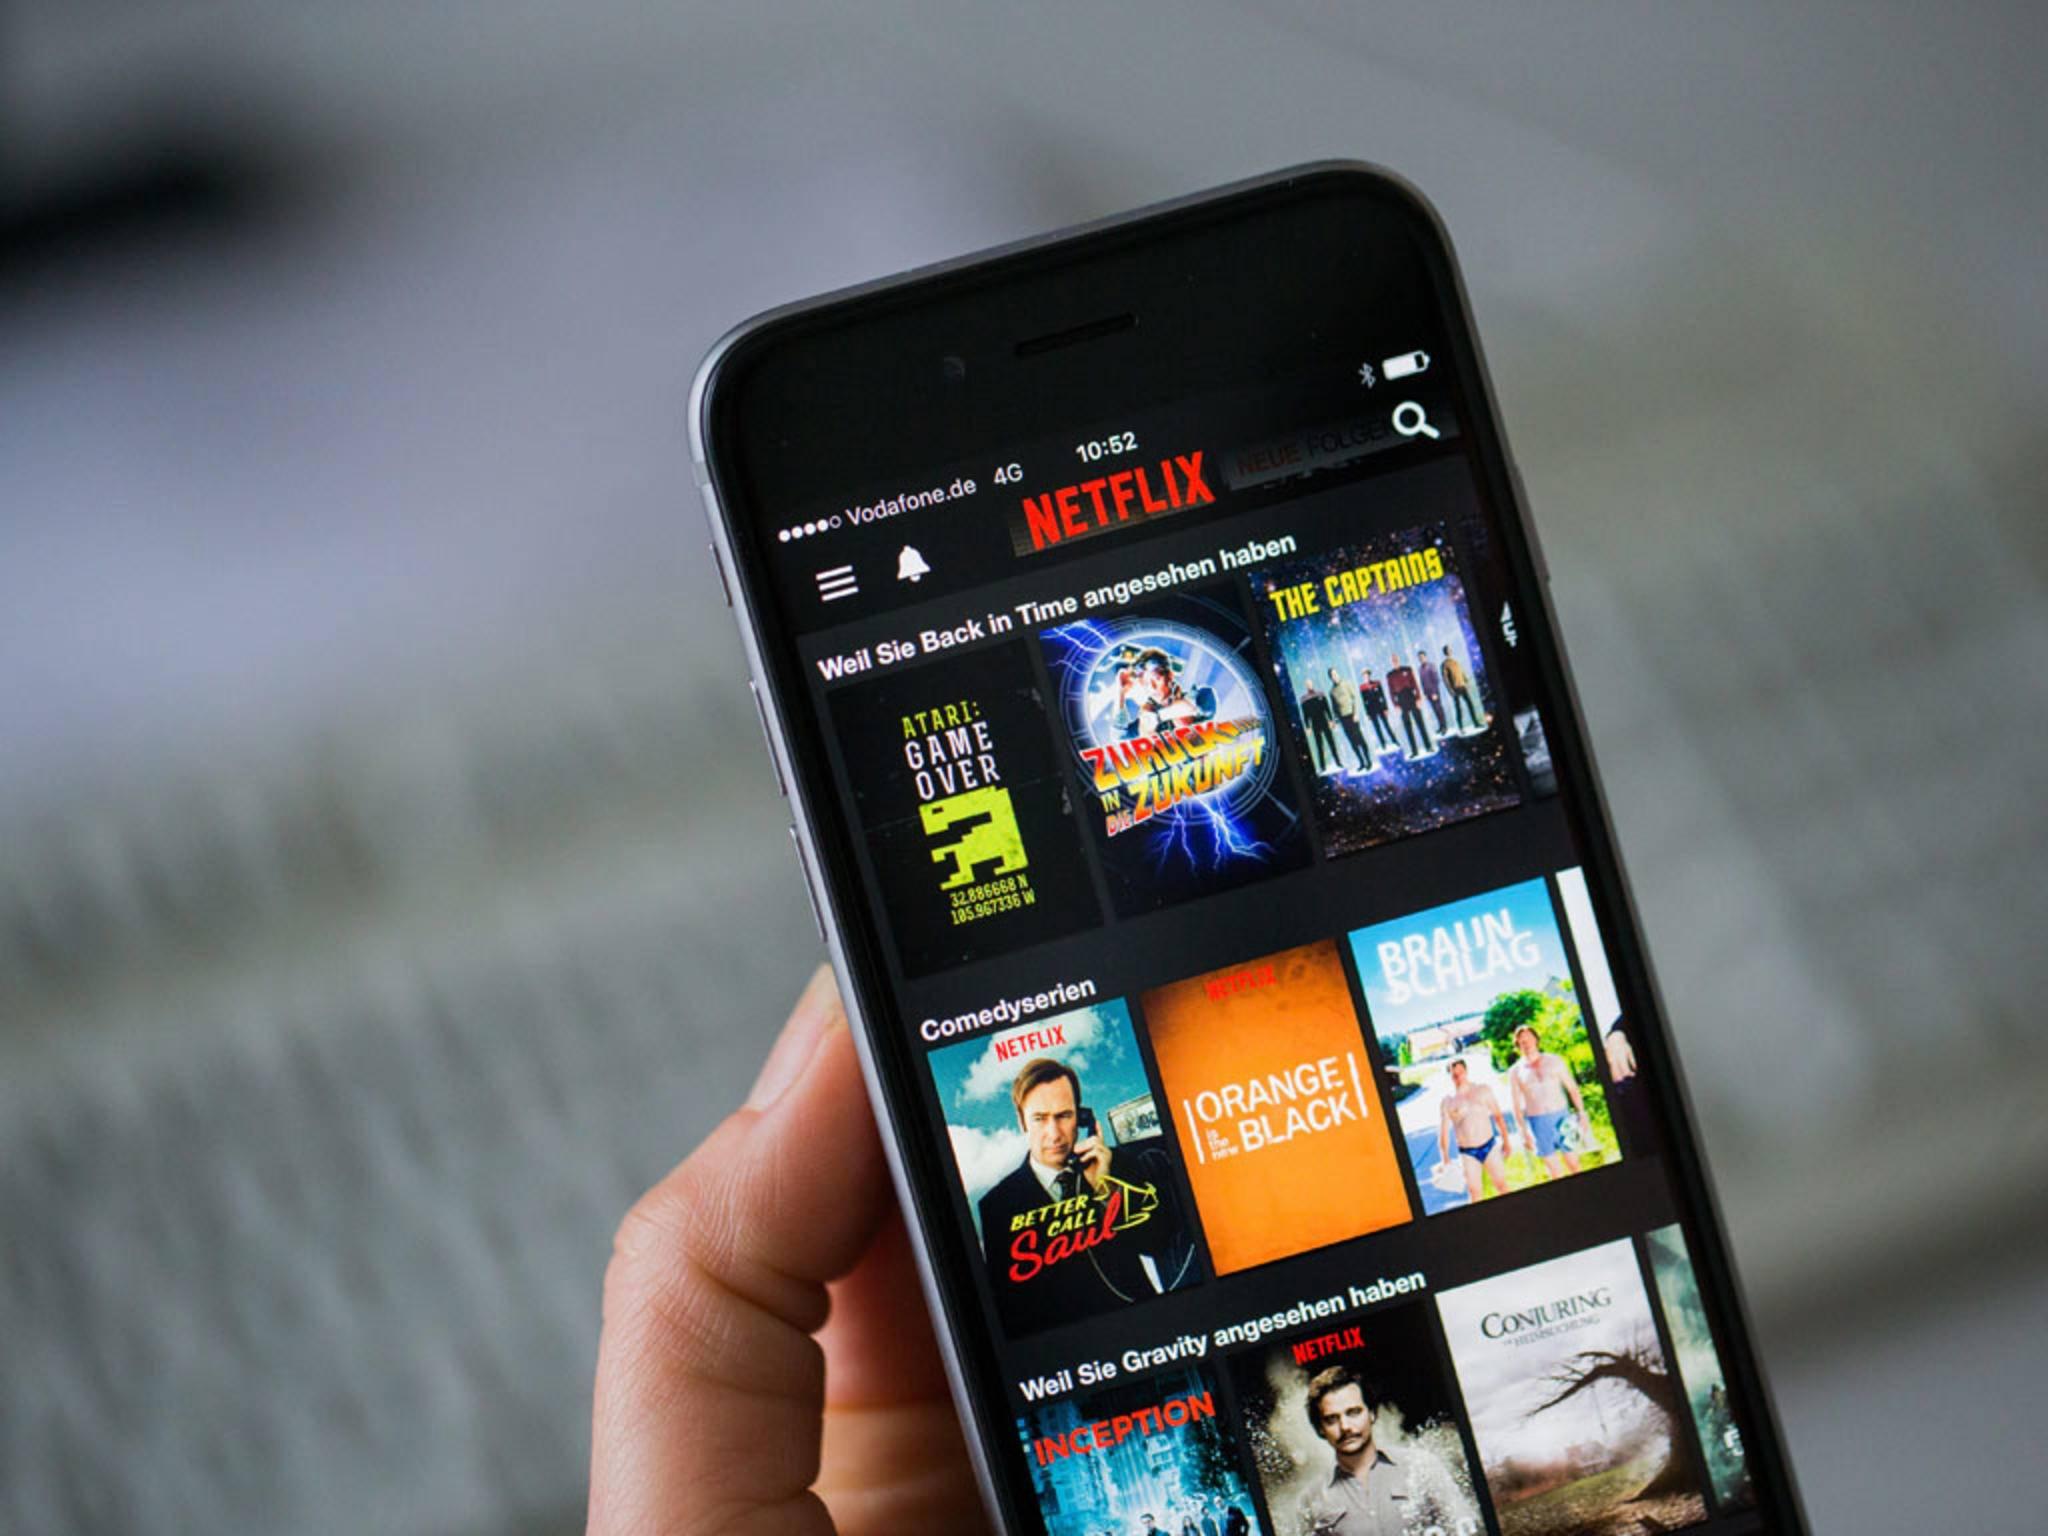 Netflix Verlauf löschen